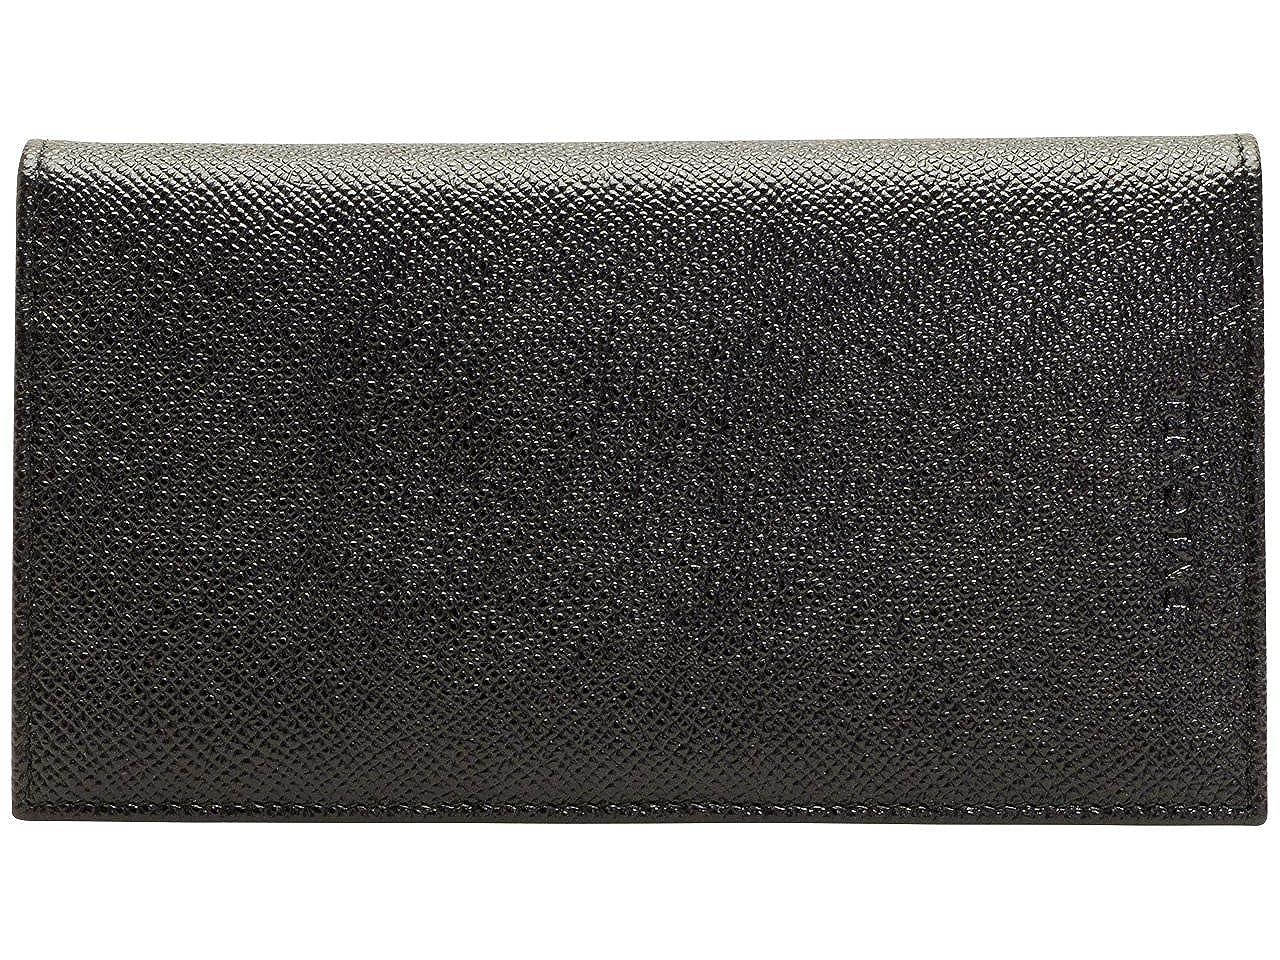 (ブルガリ) BVLGARI 財布 長財布 二つ折り 札入れ CLASSICCO メンズ ブラック レザー 20308 アウトレット ブランド [並行輸入品] B01N6GP0AV